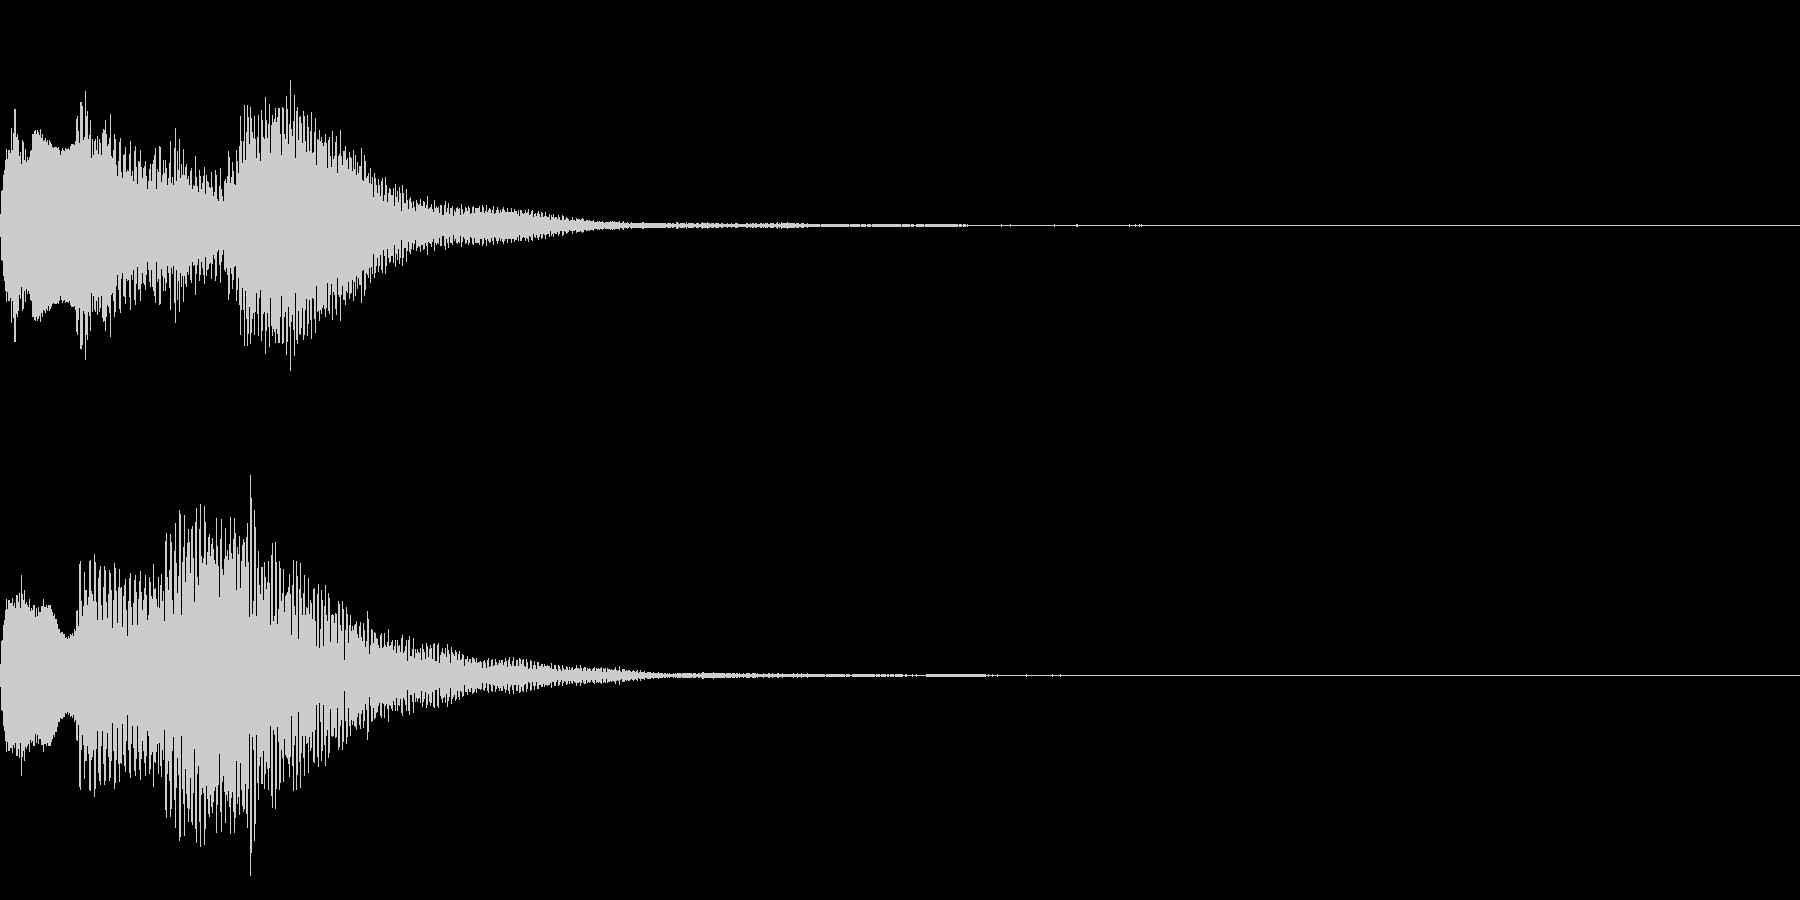 ミステリアスな音 怪しい音 不可解 の未再生の波形